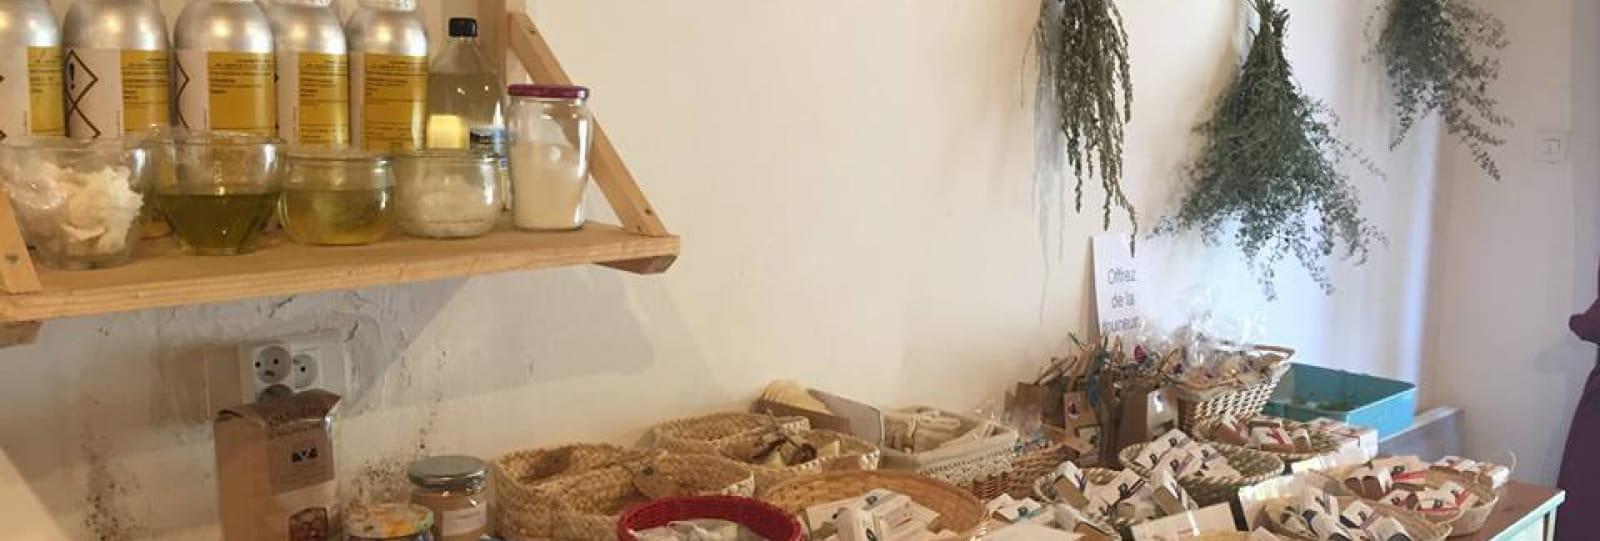 Visite de l'atelier-boutique de savons bio de la Source...